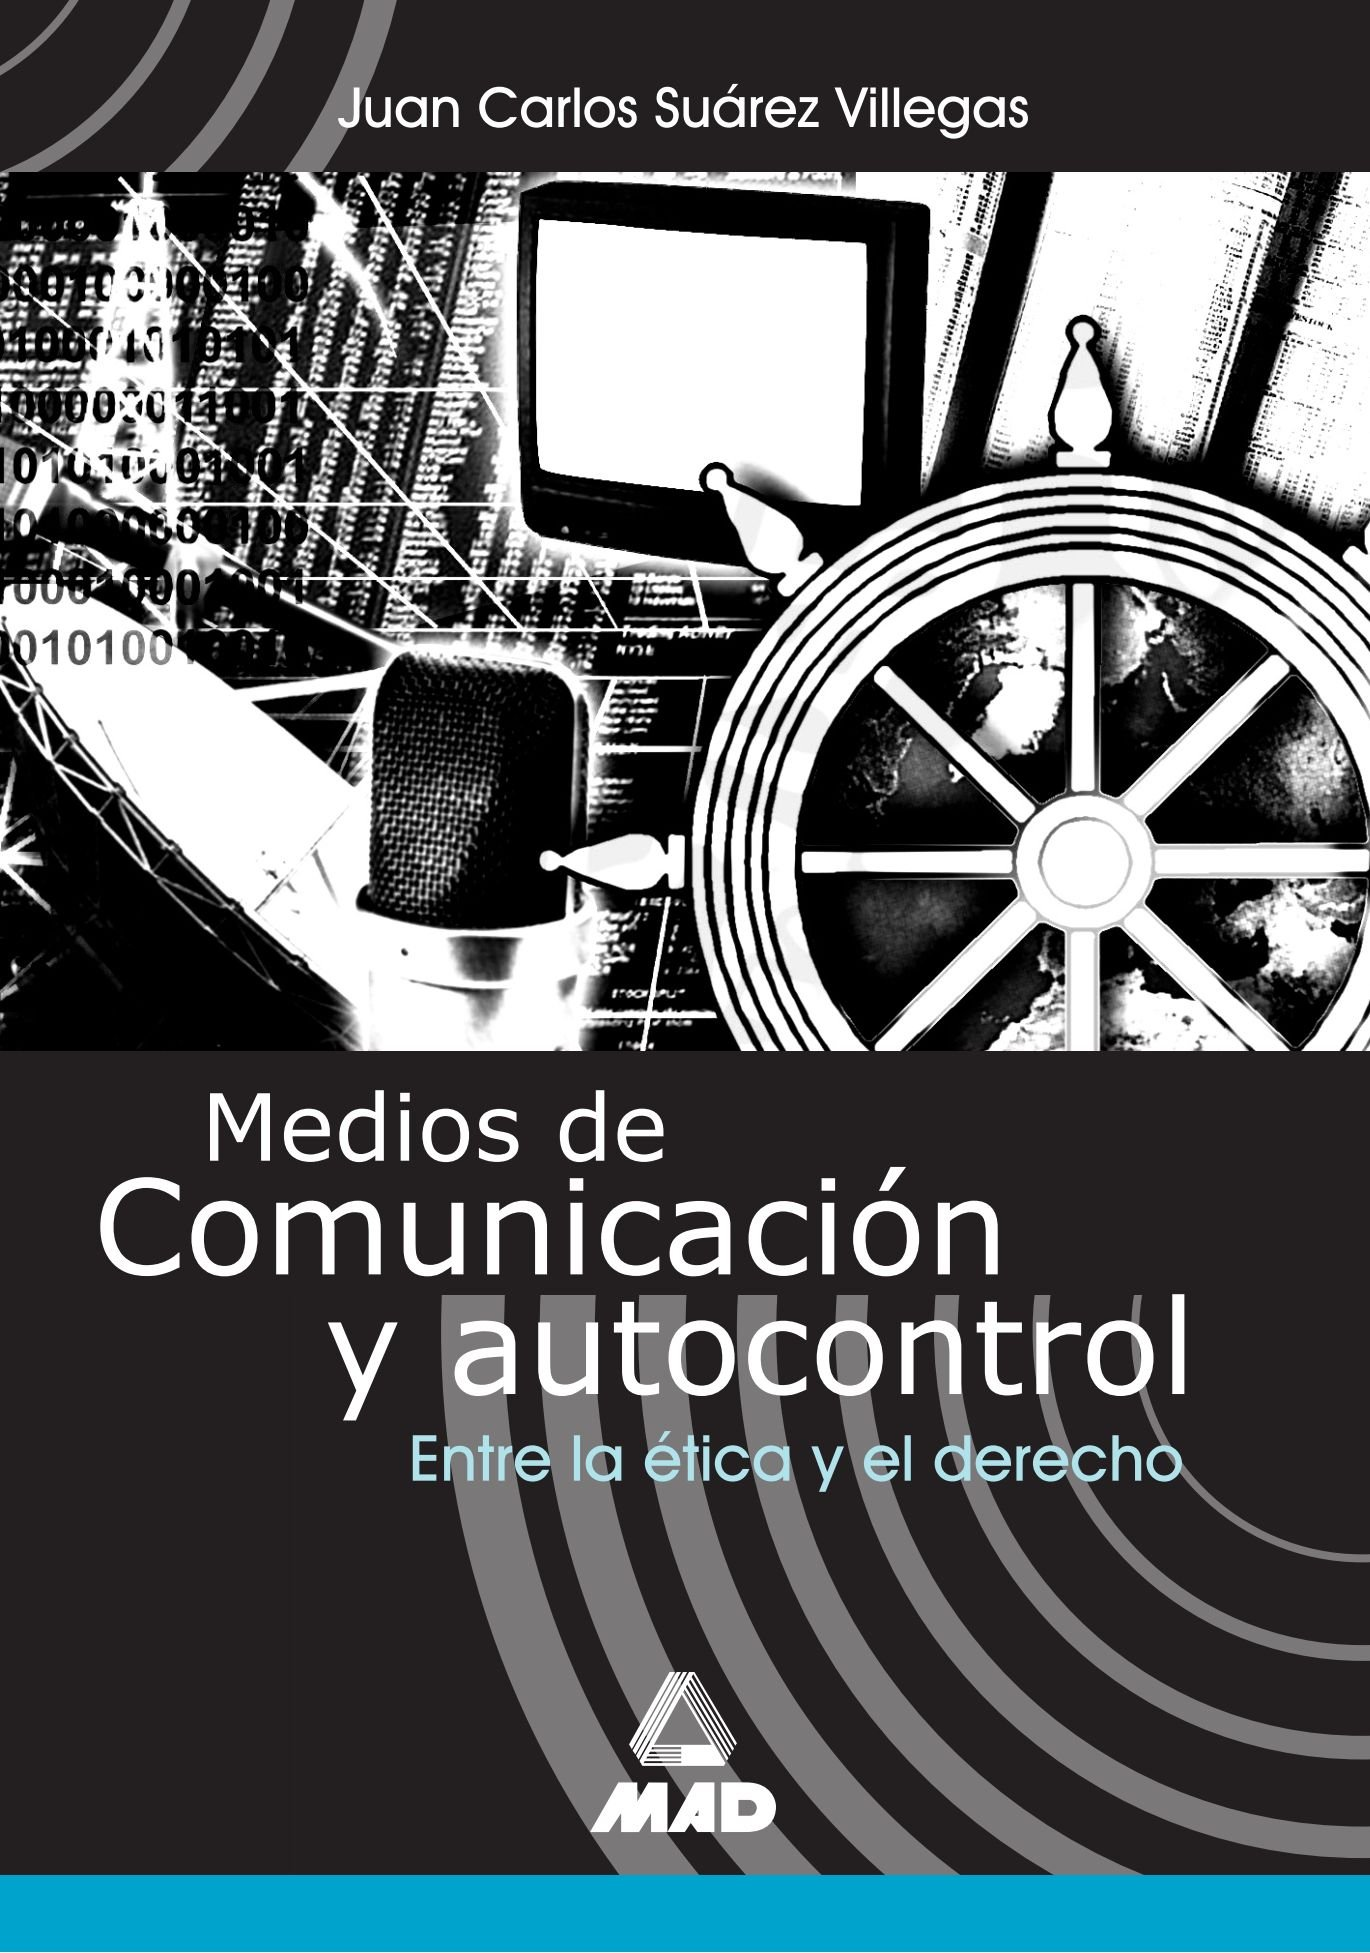 MEDIOS DE COMUNICACIÓN Y AUTOCONTROL. ENTRE LA ÉTICA Y EL DERECHO. (Spanish Edition) by Editorial Mad